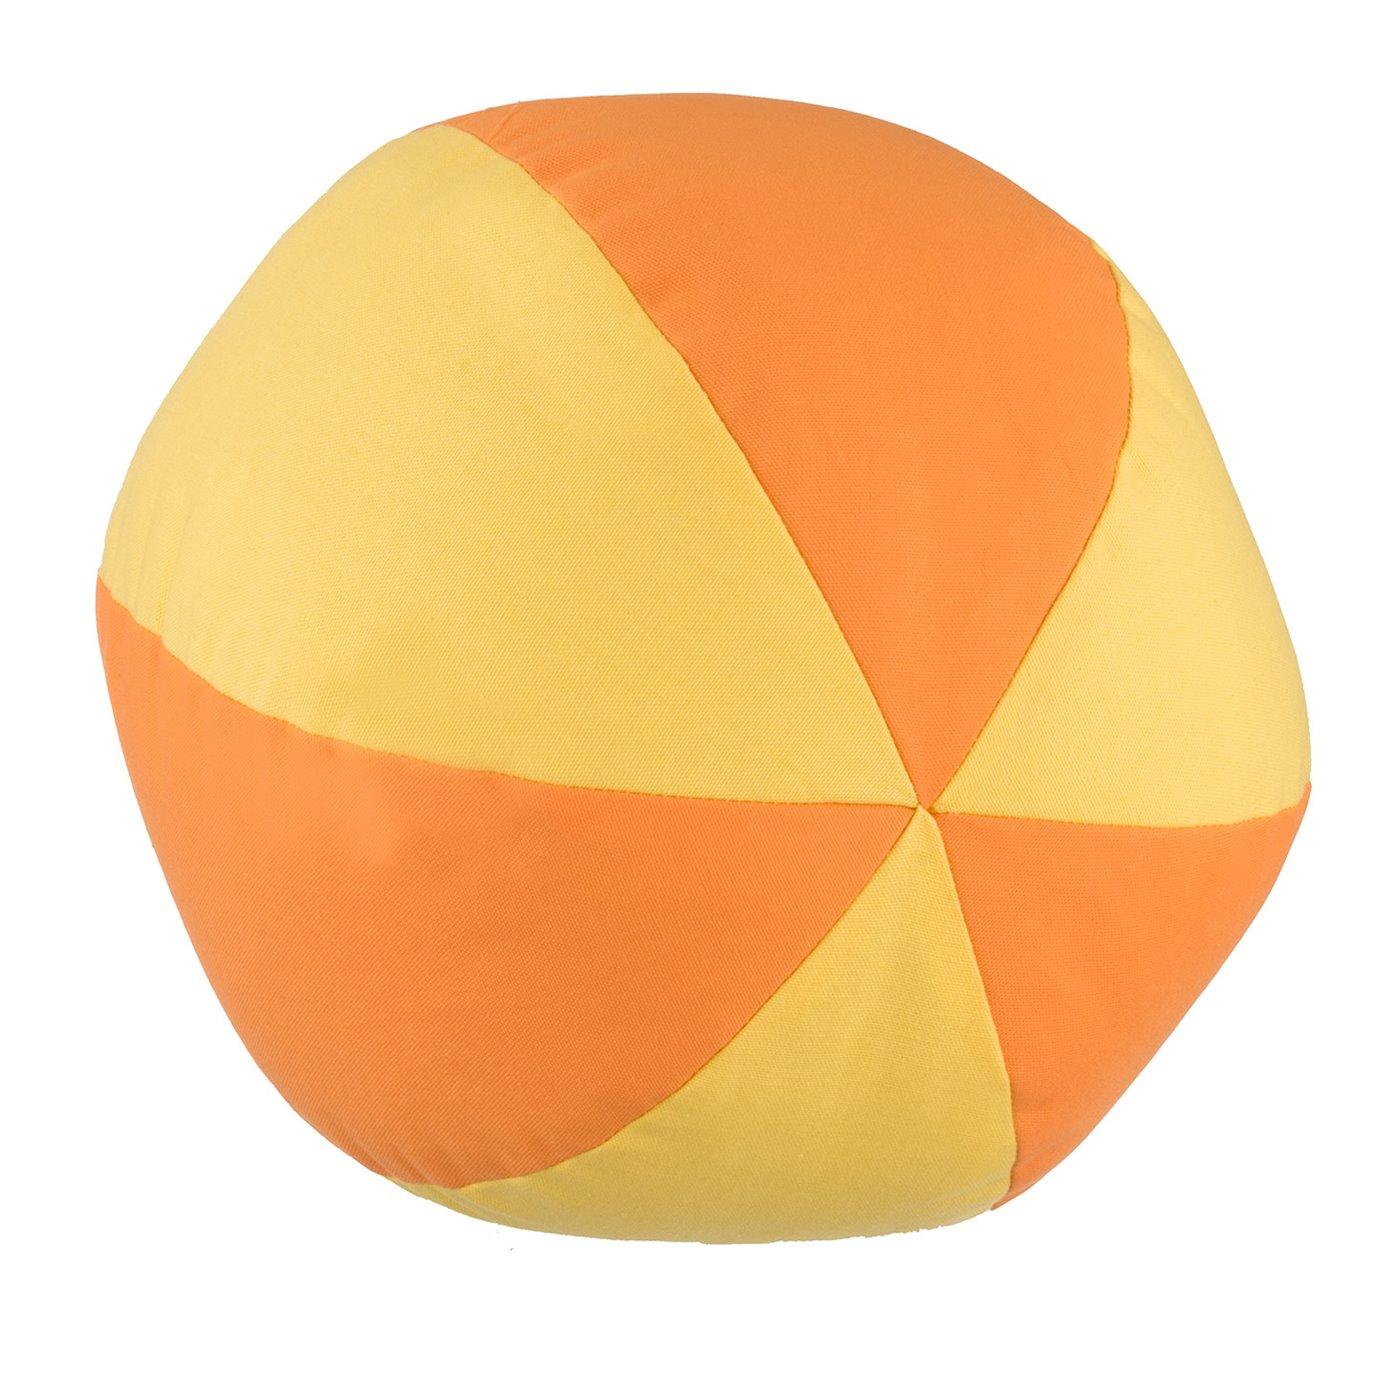 West Bay Beach Ball - Tangerine/Yellow